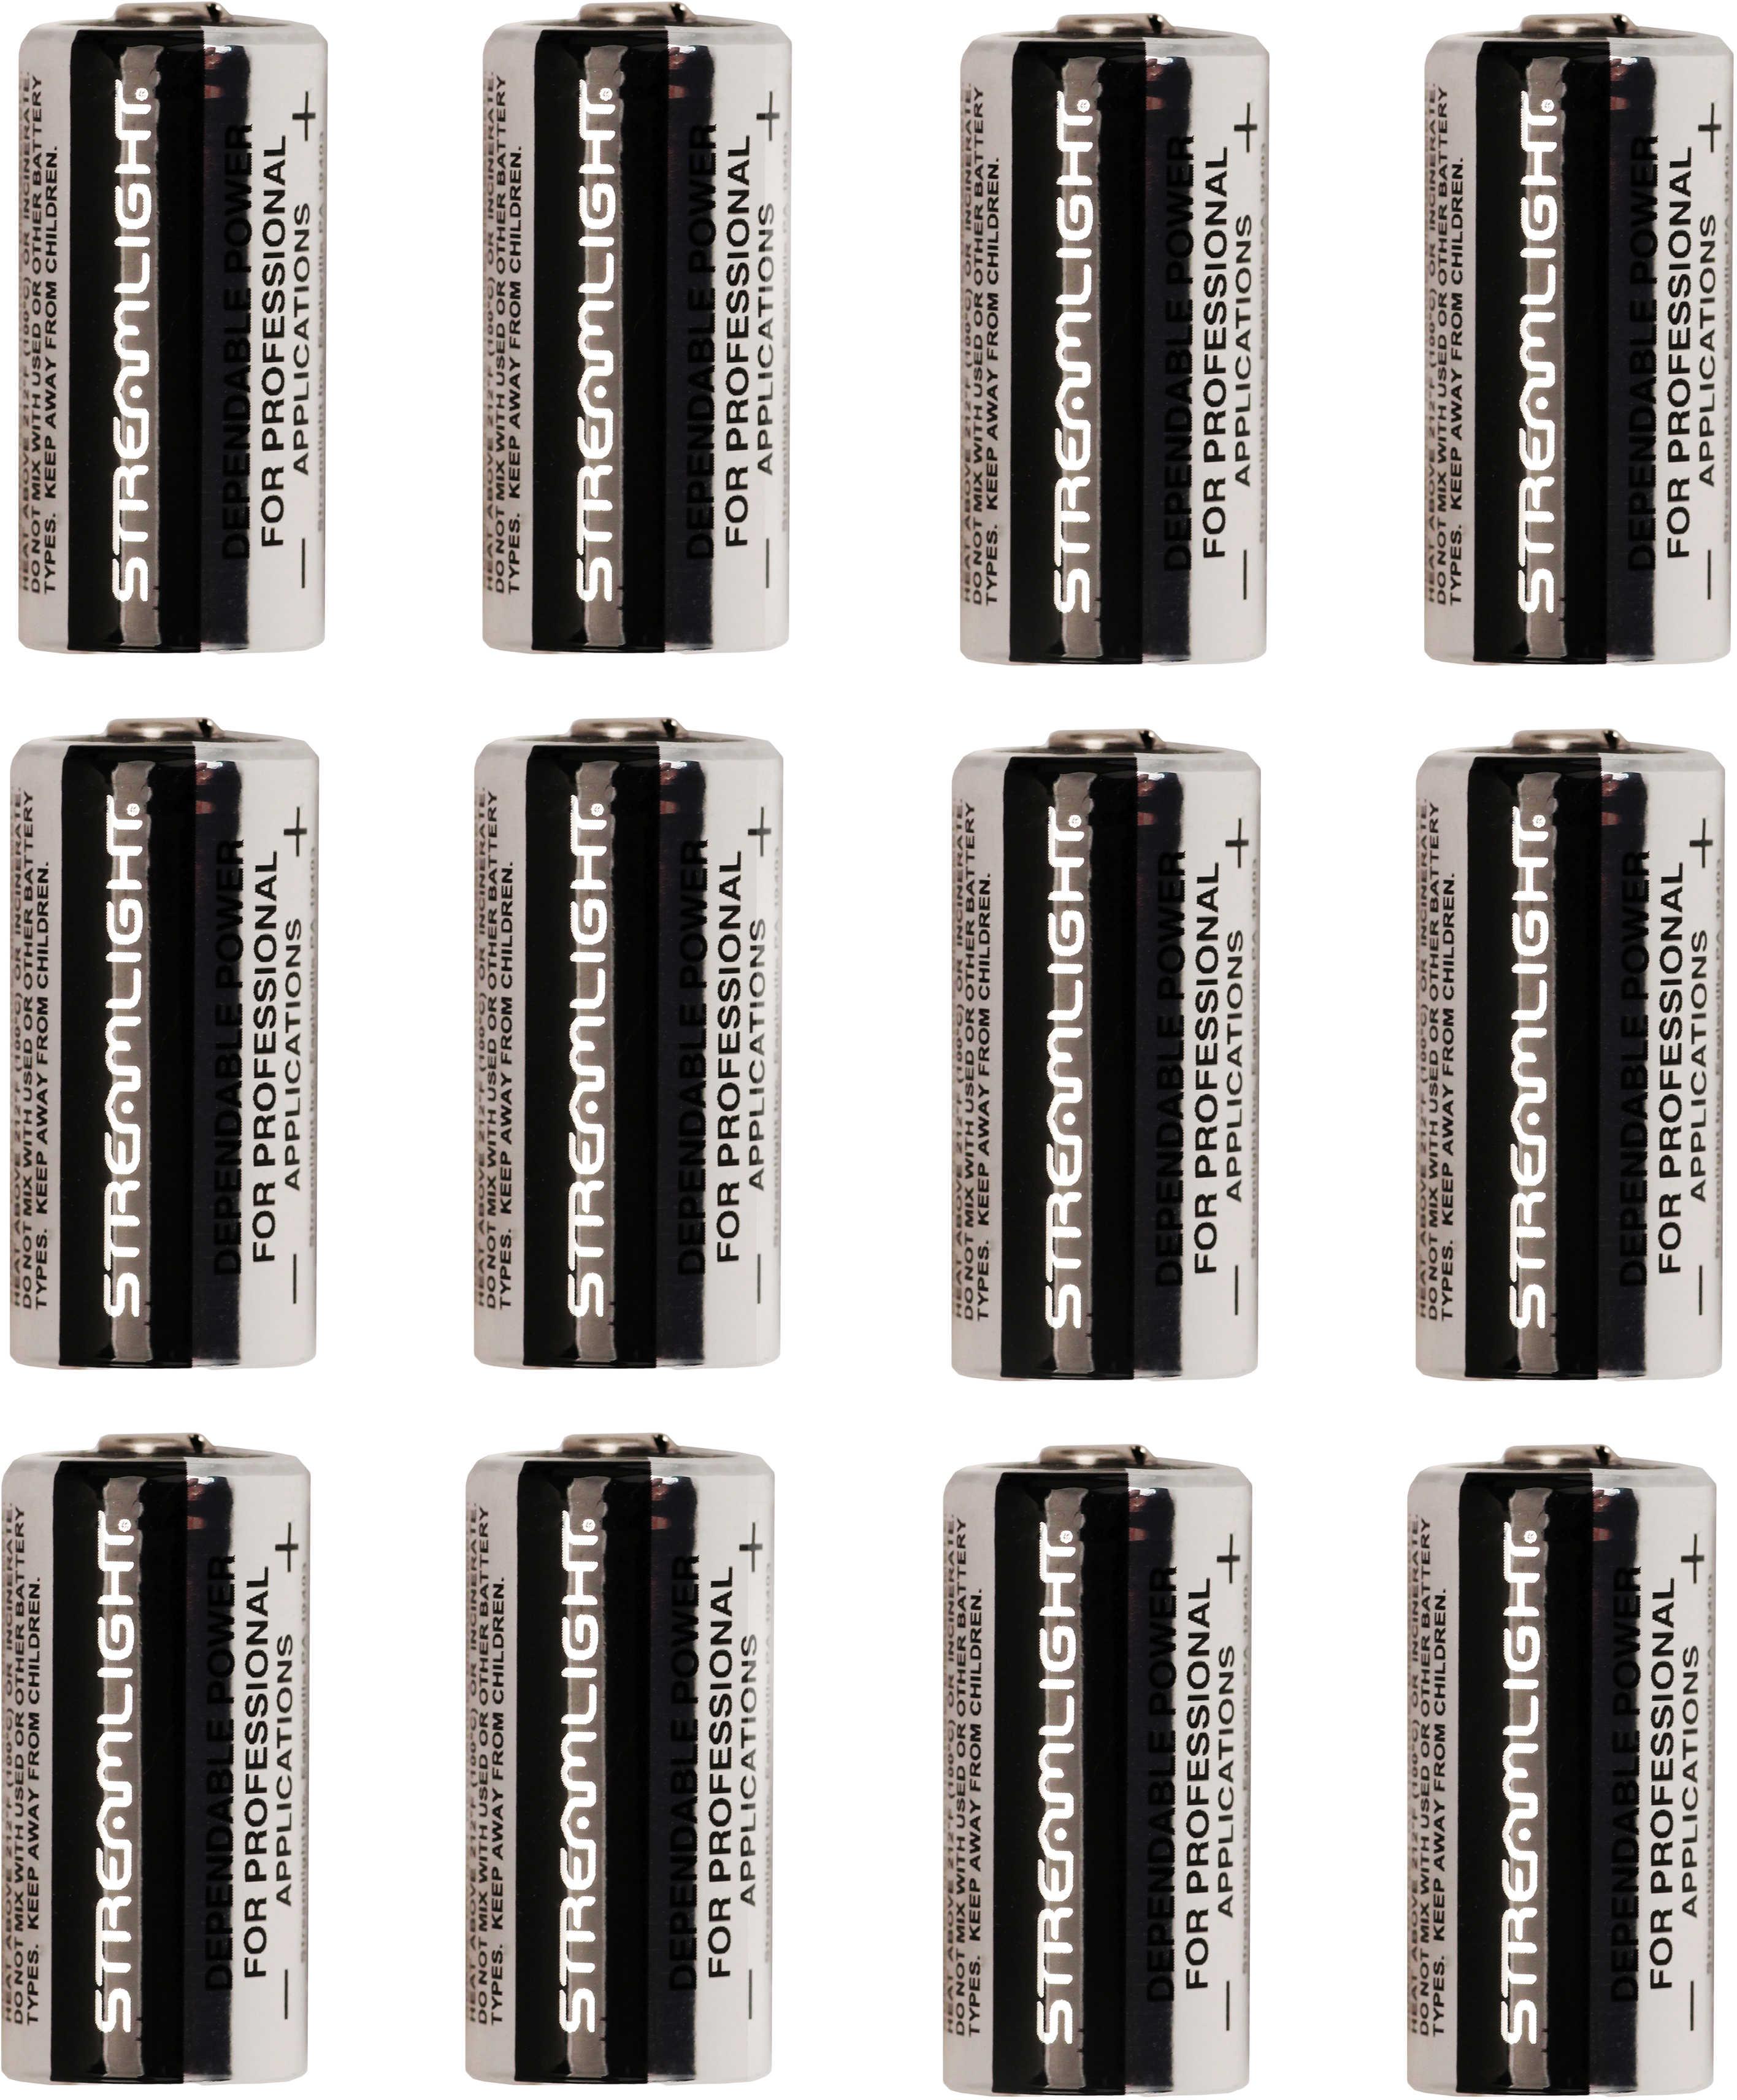 Streamlight 3V Lithium CR123 Battery 12 Pack 85177